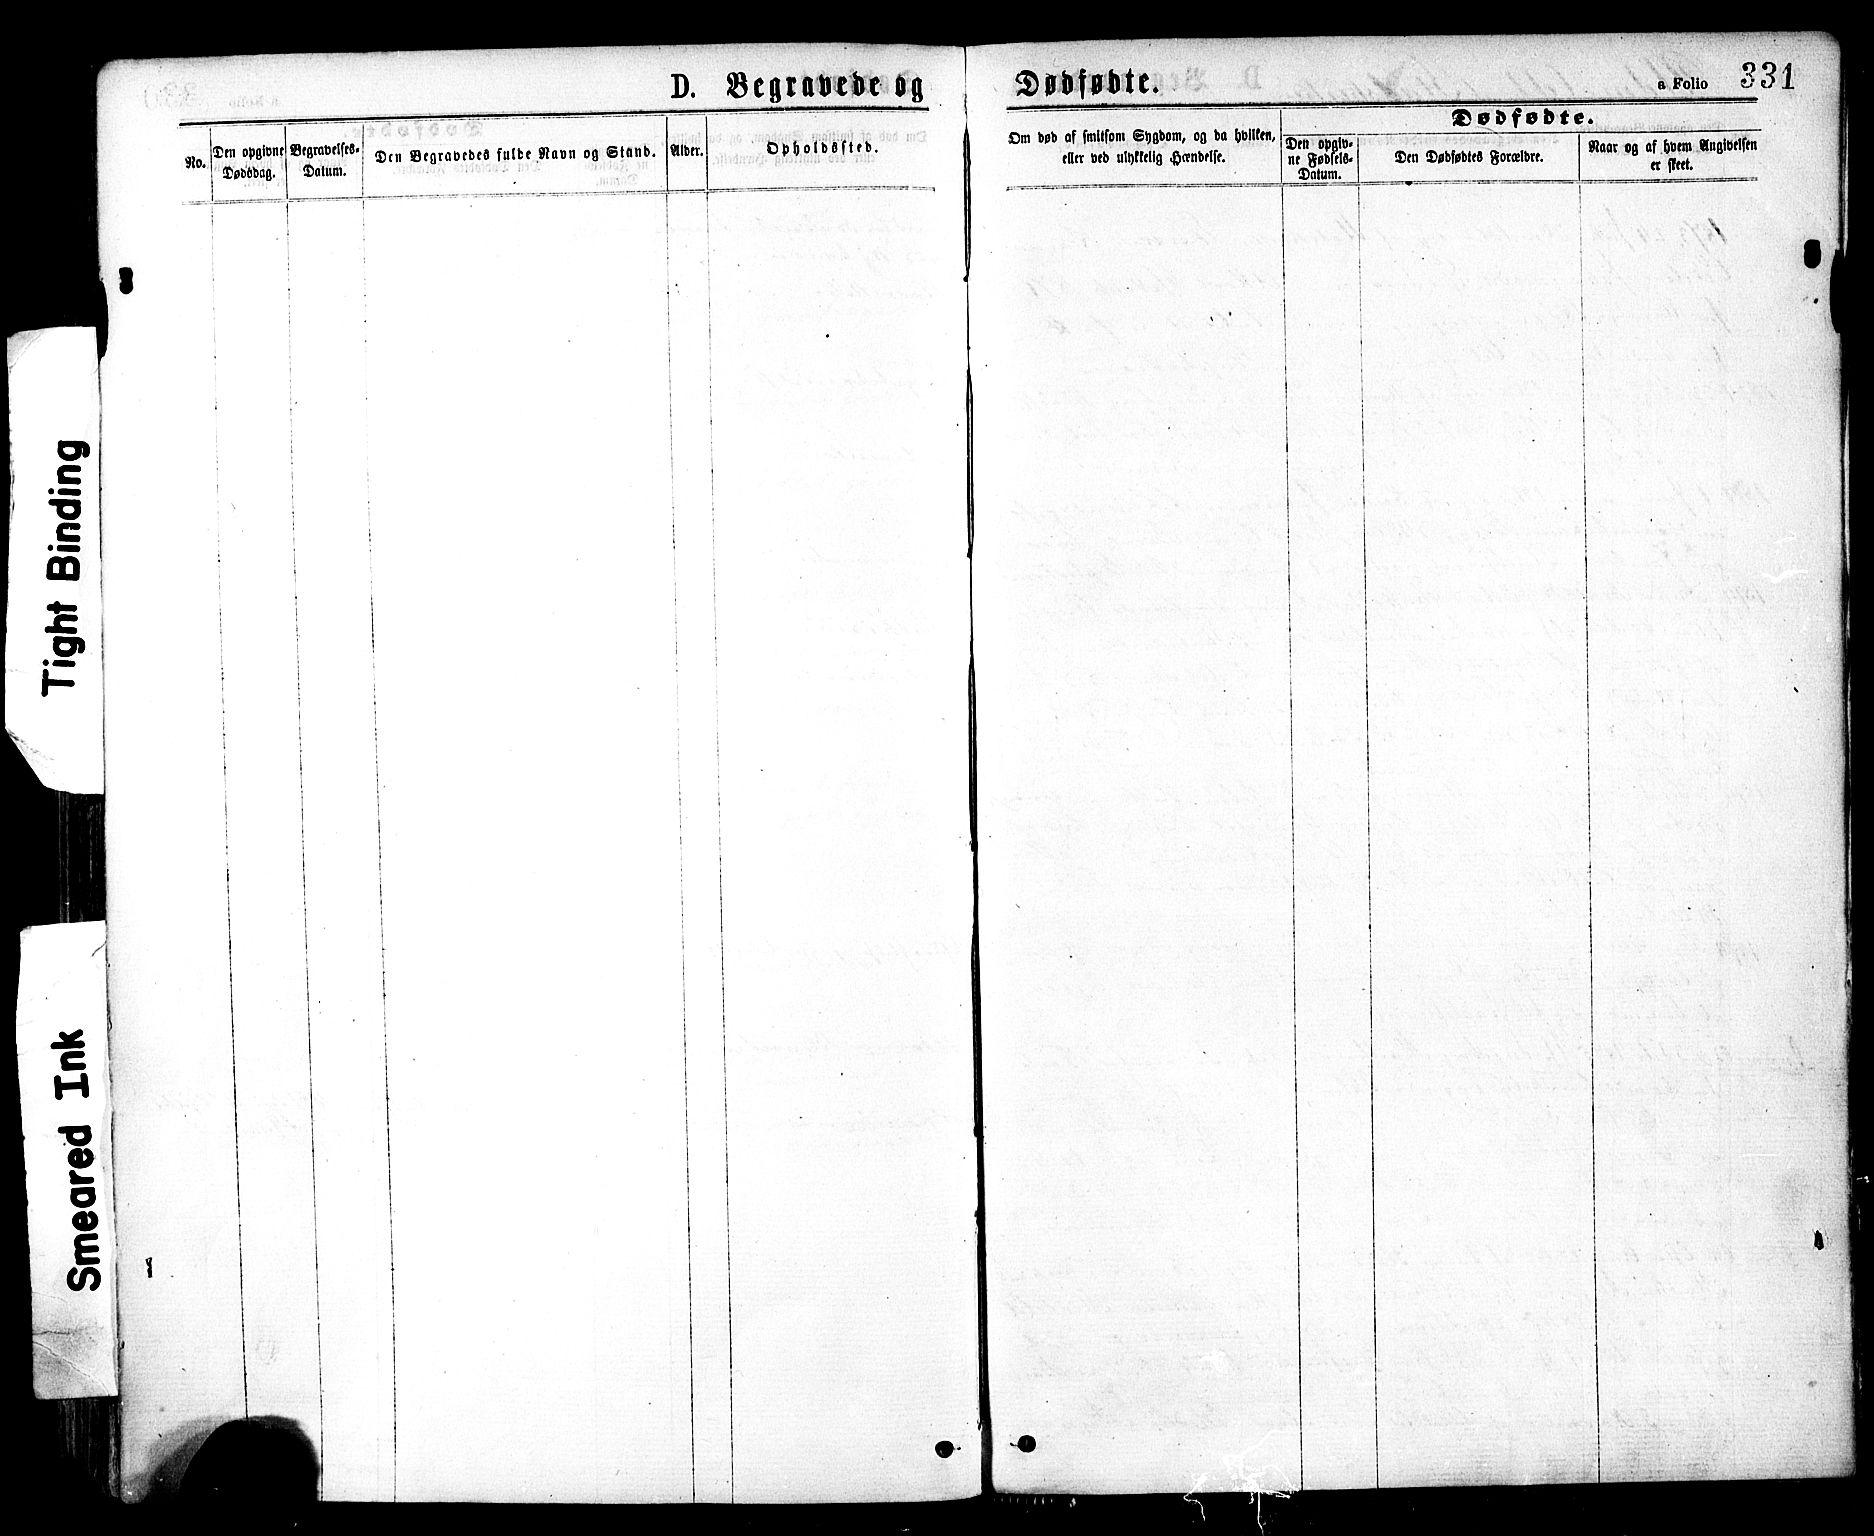 SAT, Ministerialprotokoller, klokkerbøker og fødselsregistre - Sør-Trøndelag, 602/L0118: Ministerialbok nr. 602A16, 1873-1879, s. 331